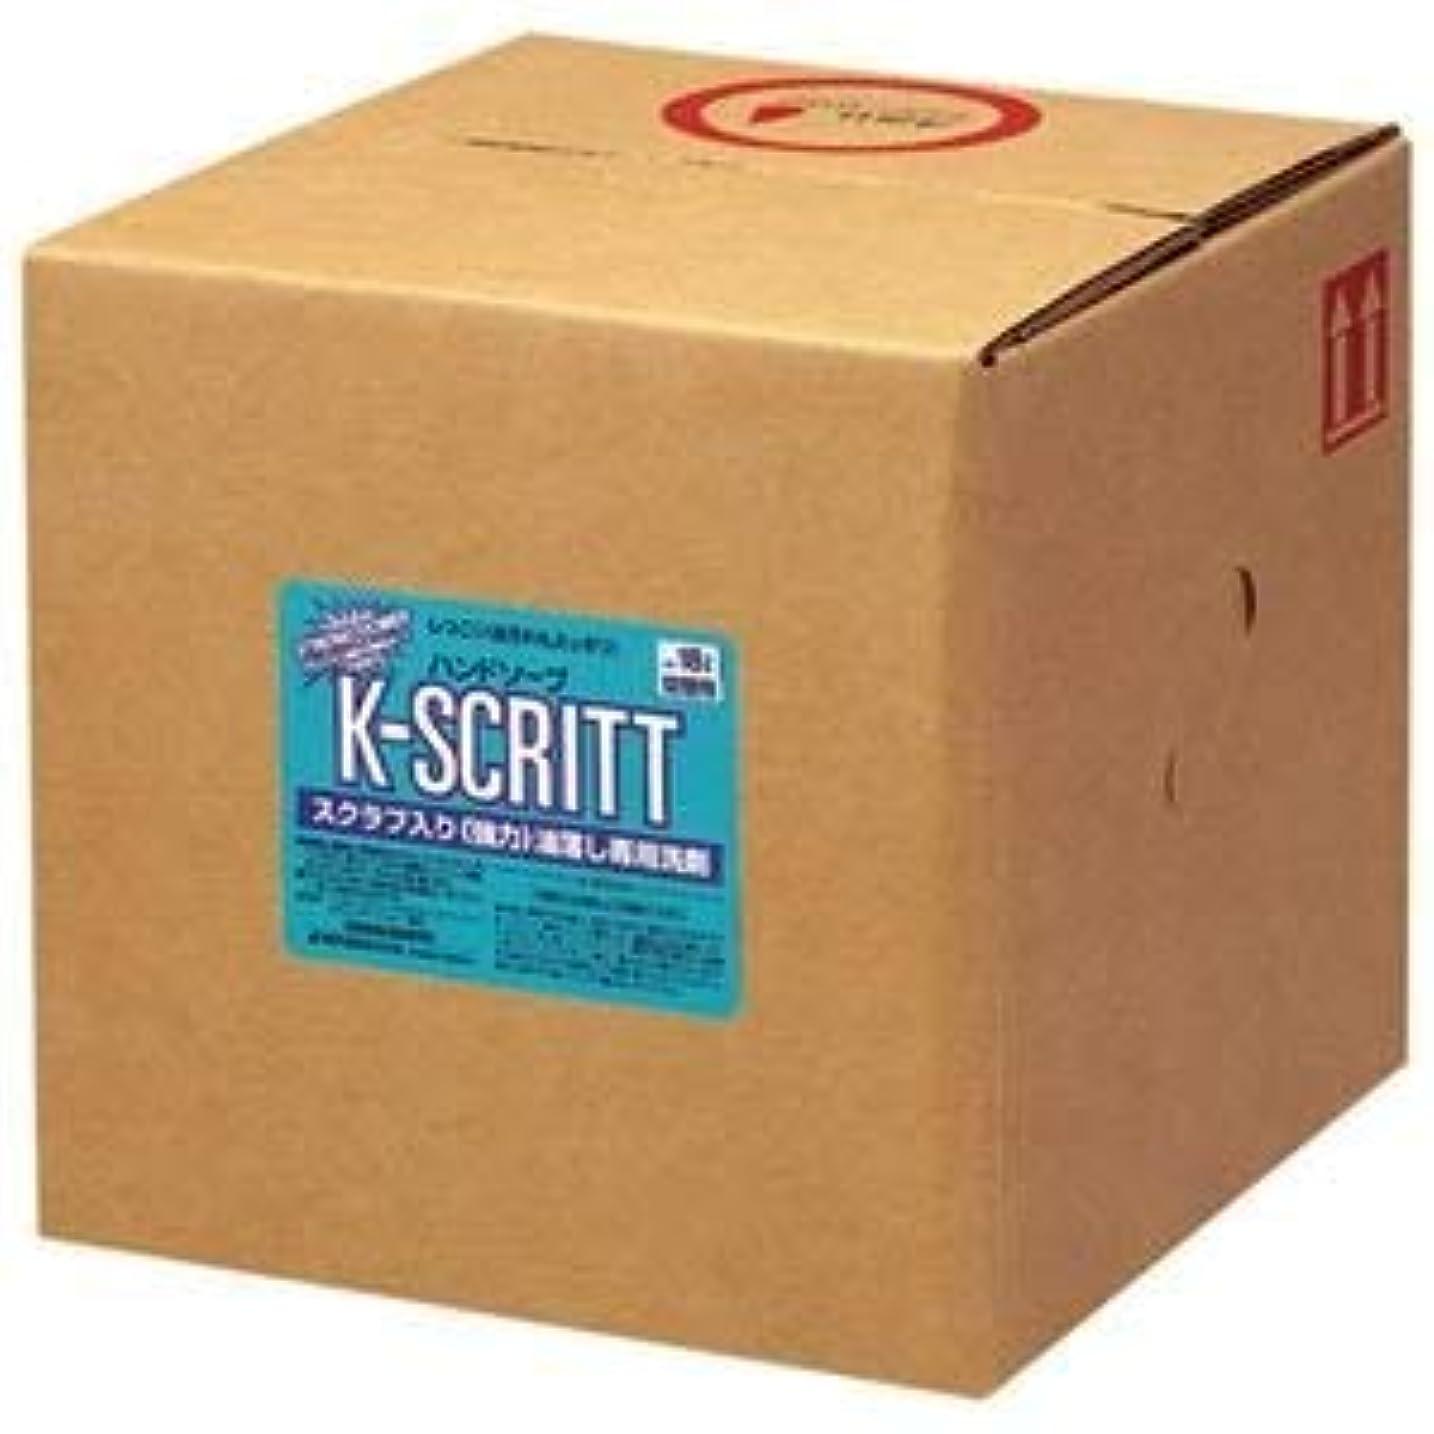 リーガン服意味する業務用 液体石鹸 K-スクリット ハンドソープ詰替え 18L 熊野油脂 (コック付き)